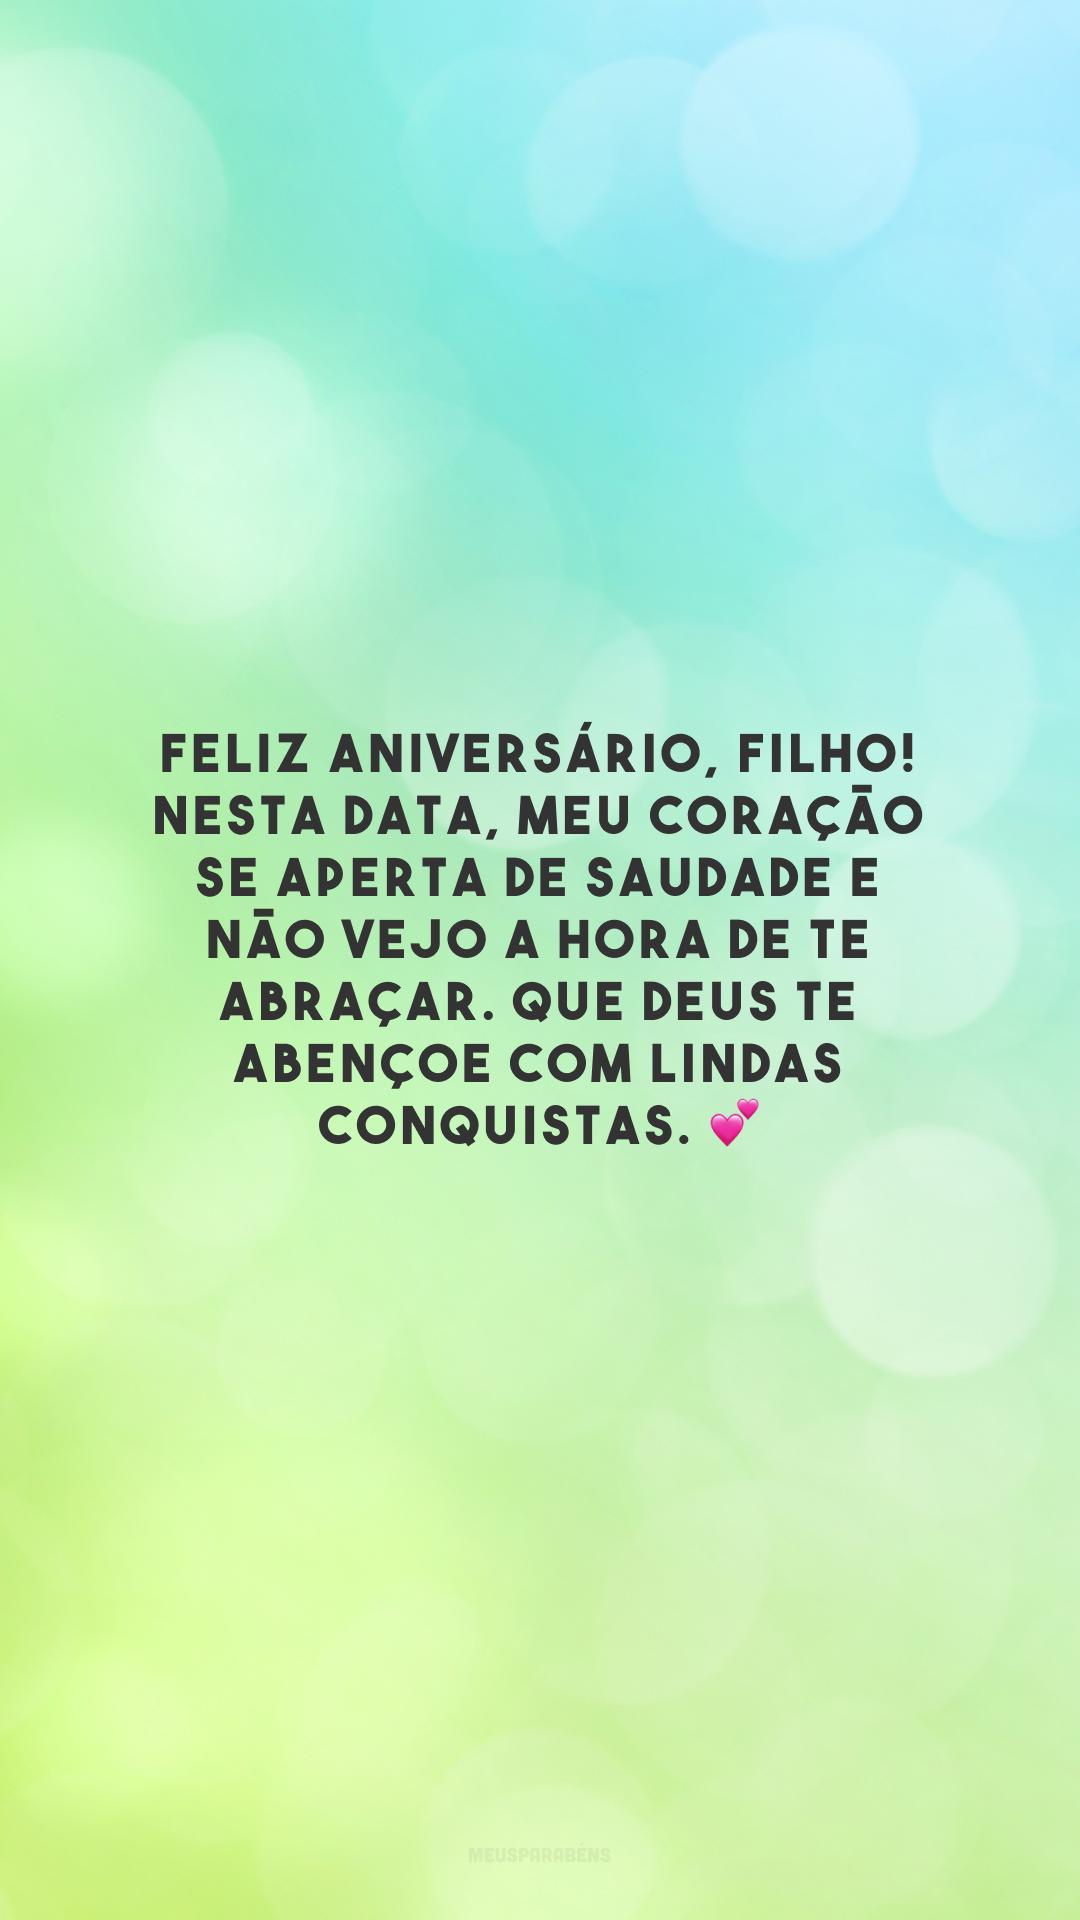 Feliz aniversário, filho! Nesta data, meu coração se aperta de saudade e não vejo a hora de te abraçar. Que Deus te abençoe com lindas conquistas. 💕